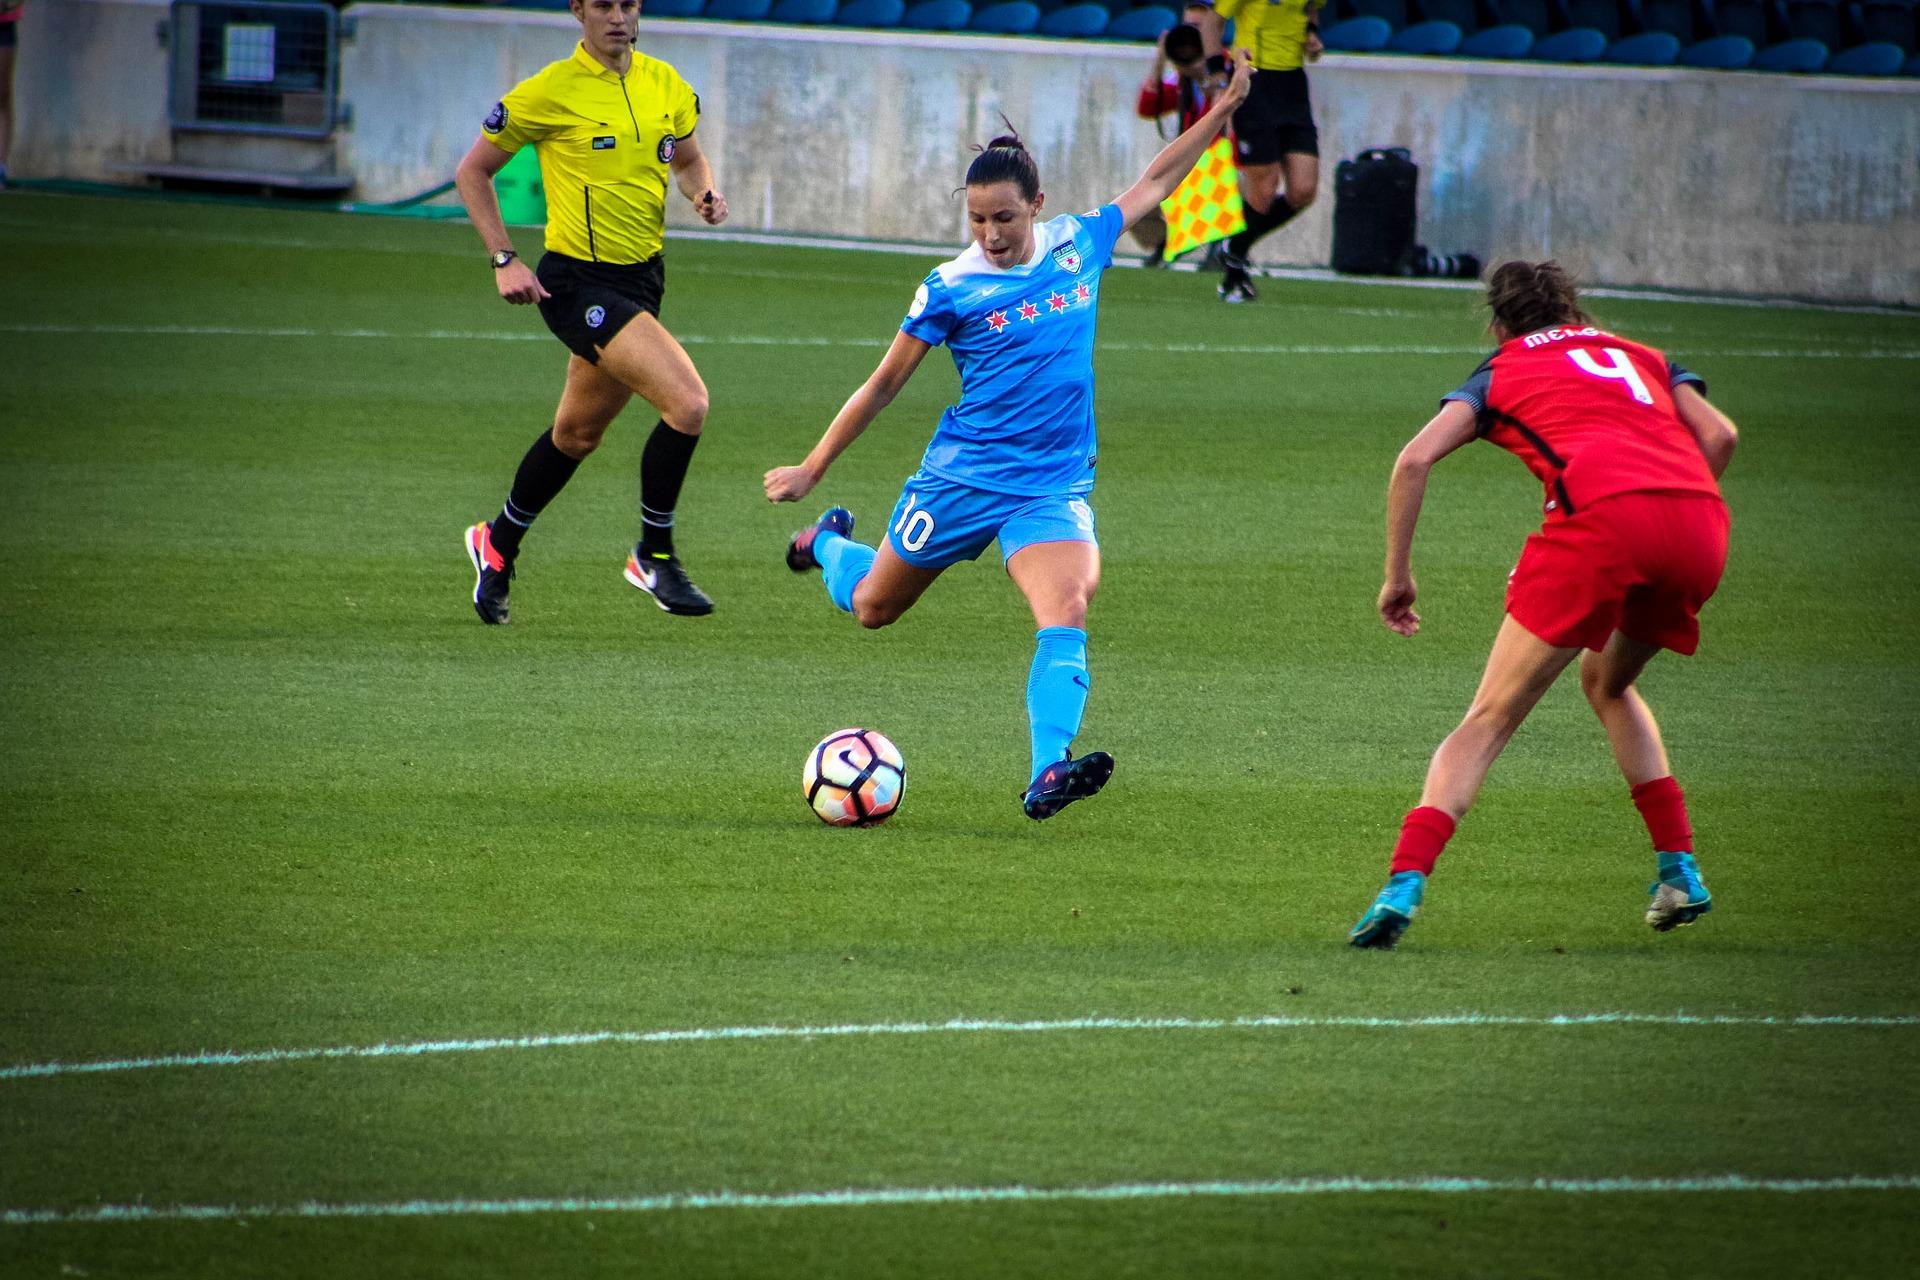 soccer-3311817_1920